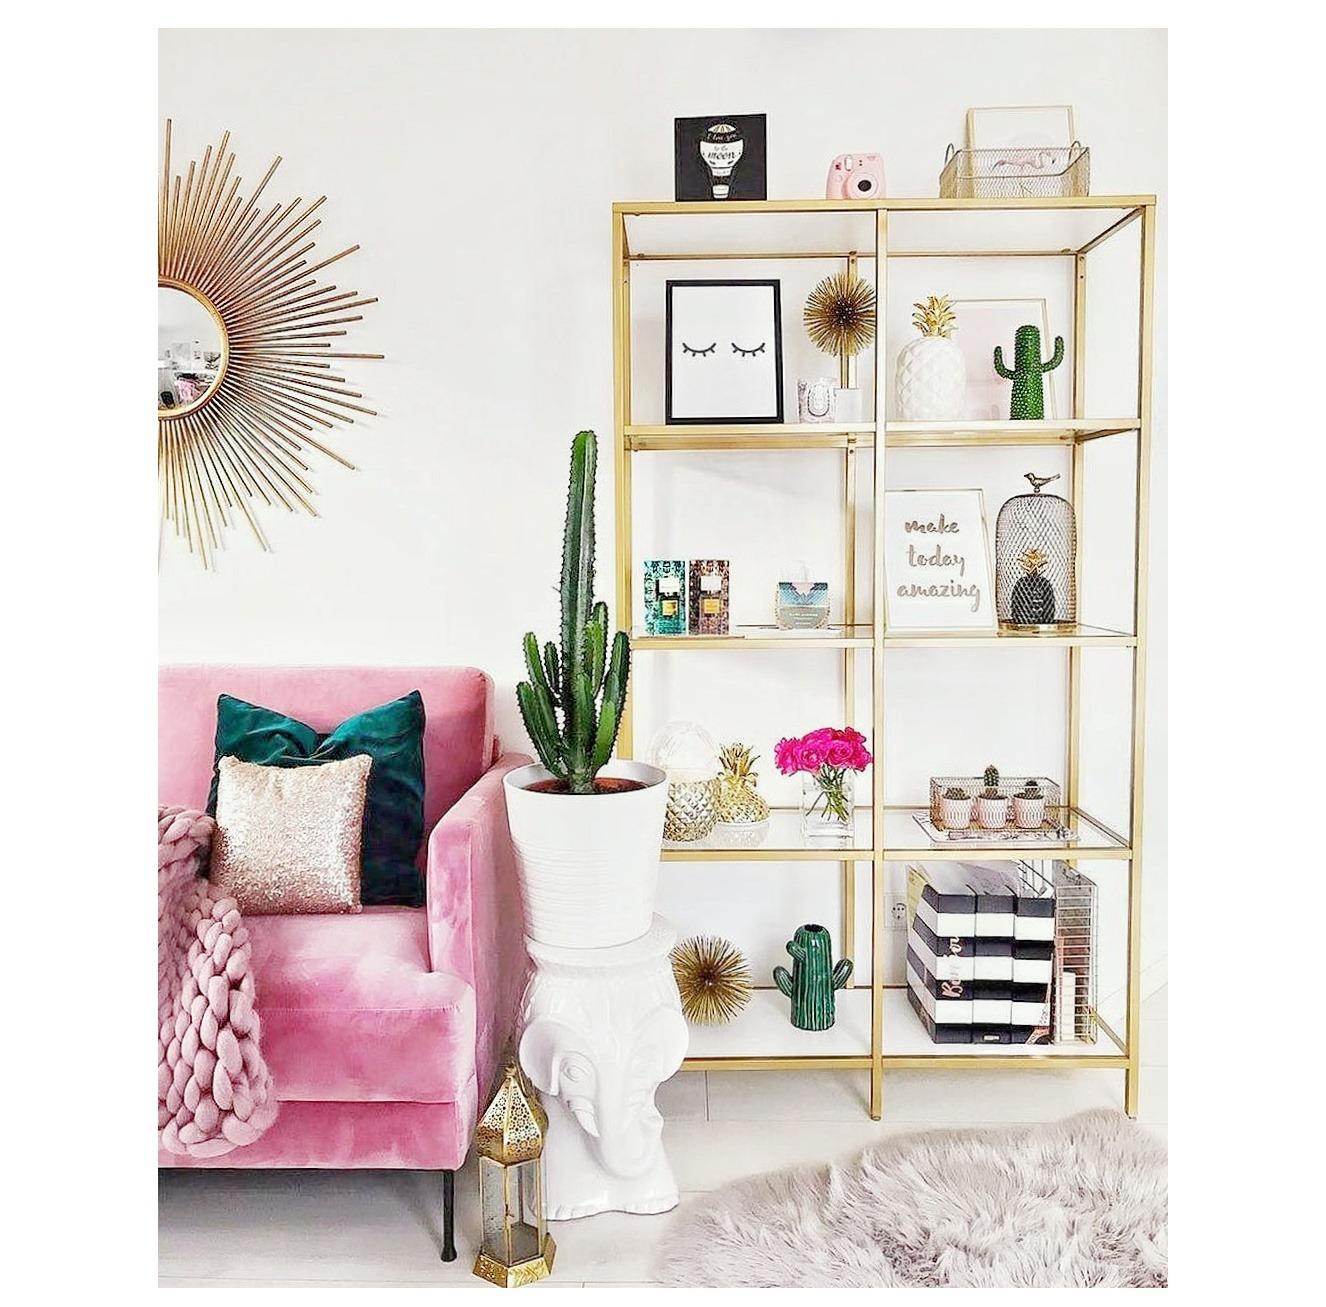 mueble con estructura dorada